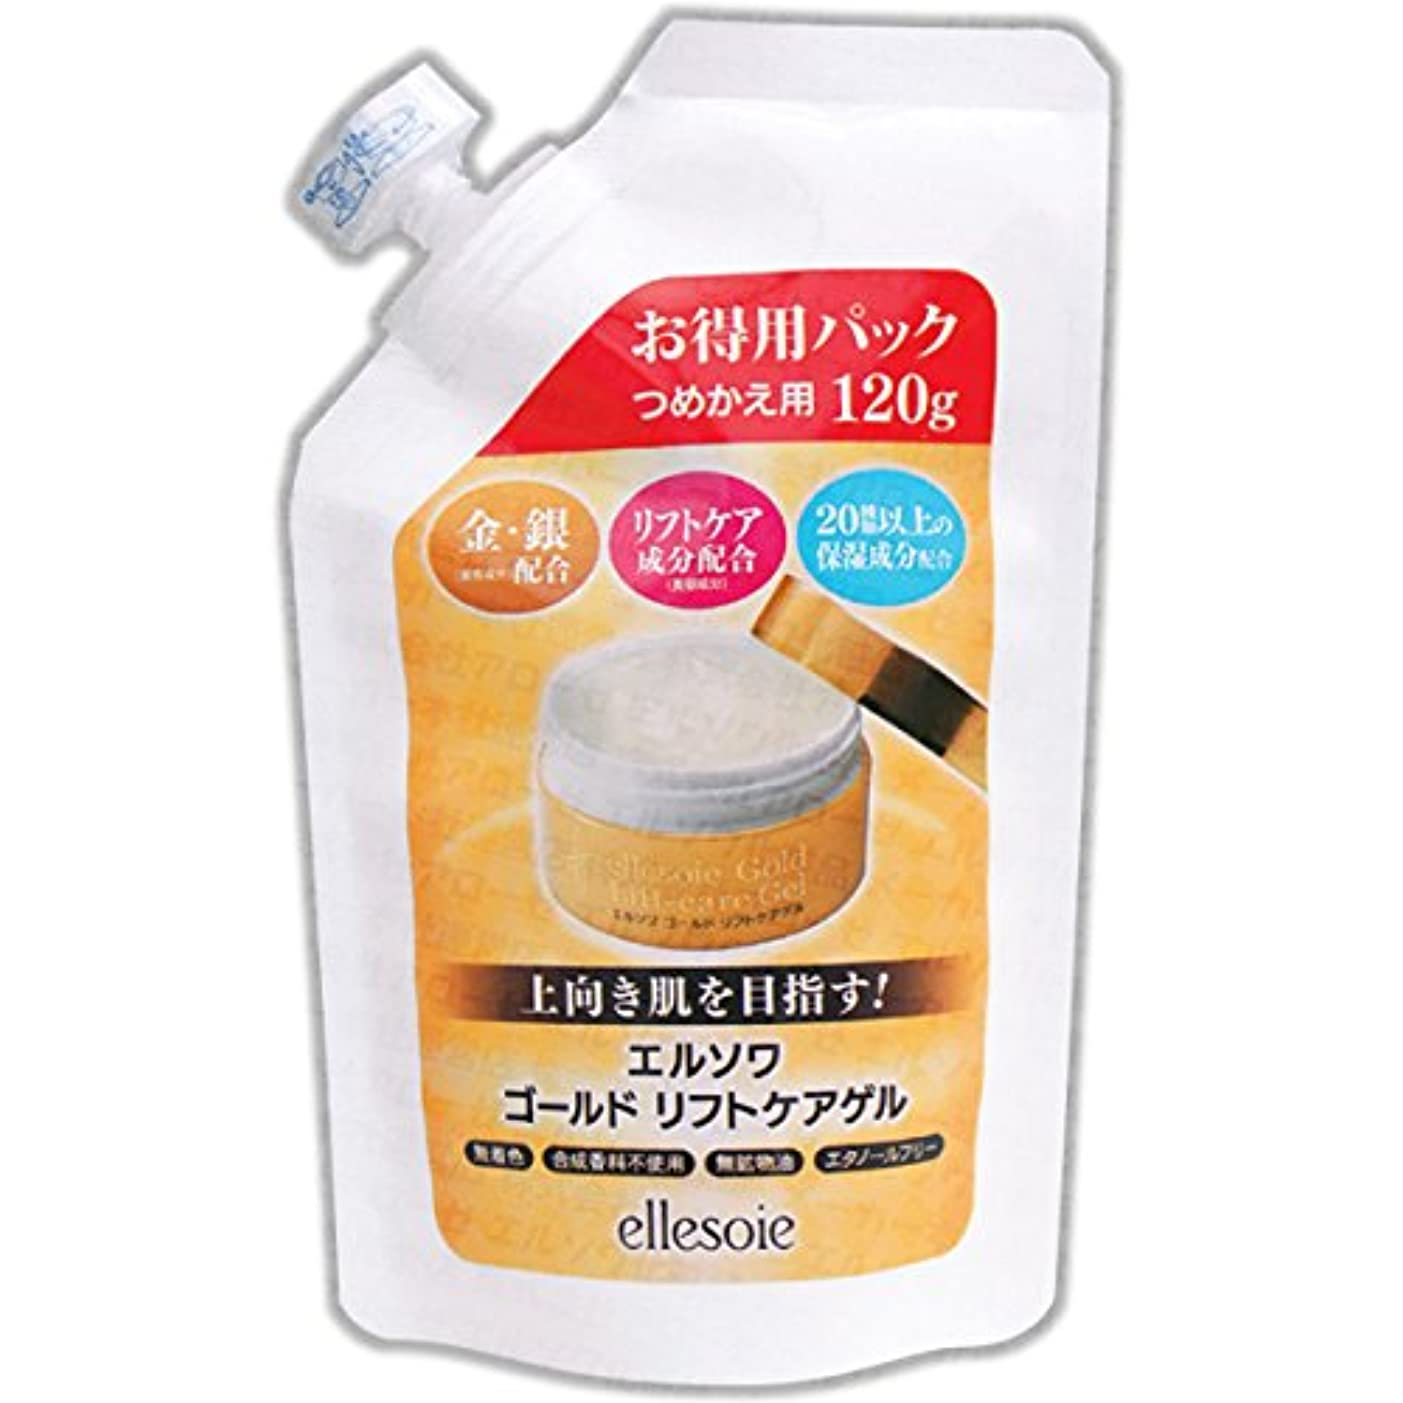 イソギンチャク怒り不条理エルソワ化粧品(ellesoie) ゴールドリフトケアゲル 年齢肌向けオールインワン (詰替用120g)